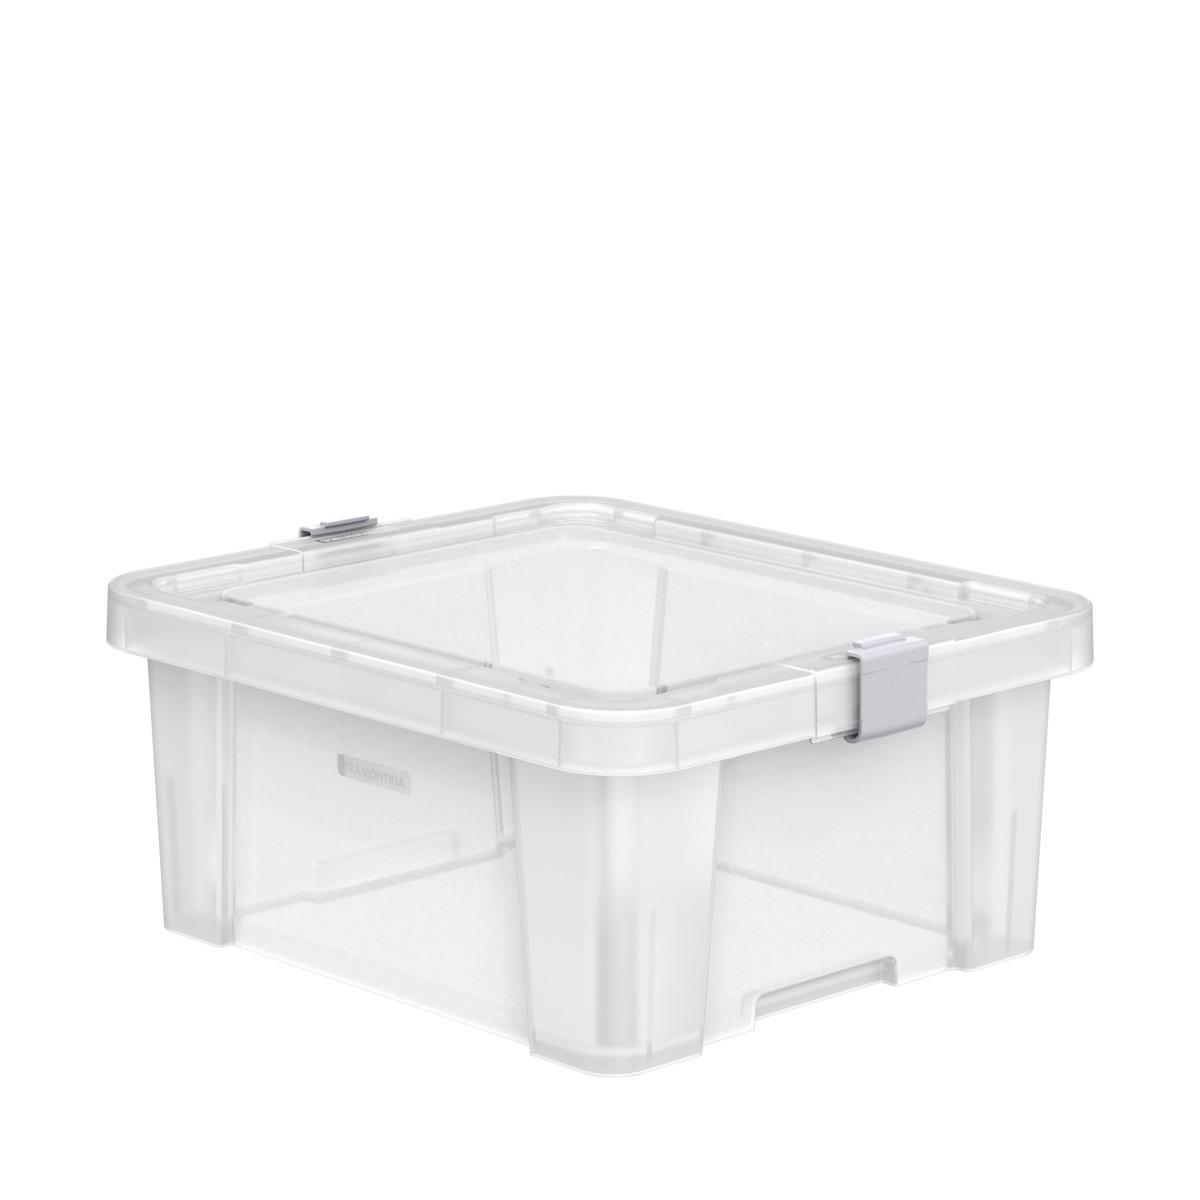 Caixa Organizadora Tramontina Retangular 170L Transparente - 92550711